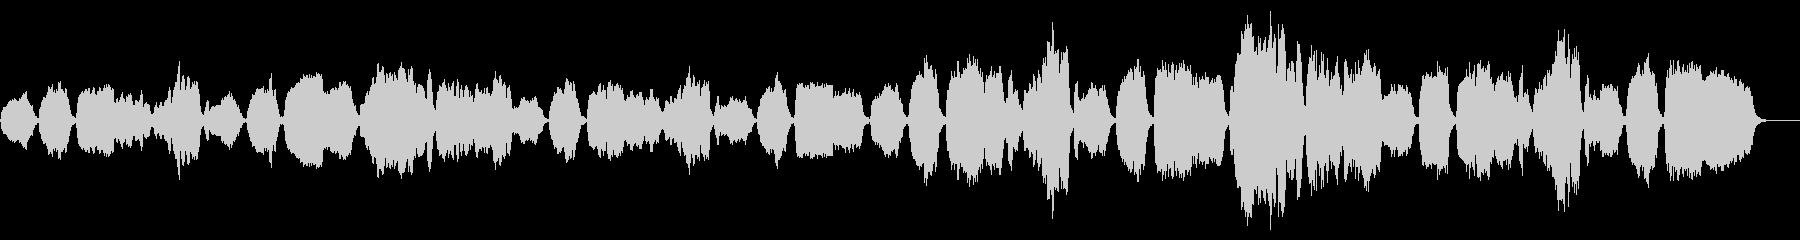 おどろおどろしいリコーダー曲の未再生の波形